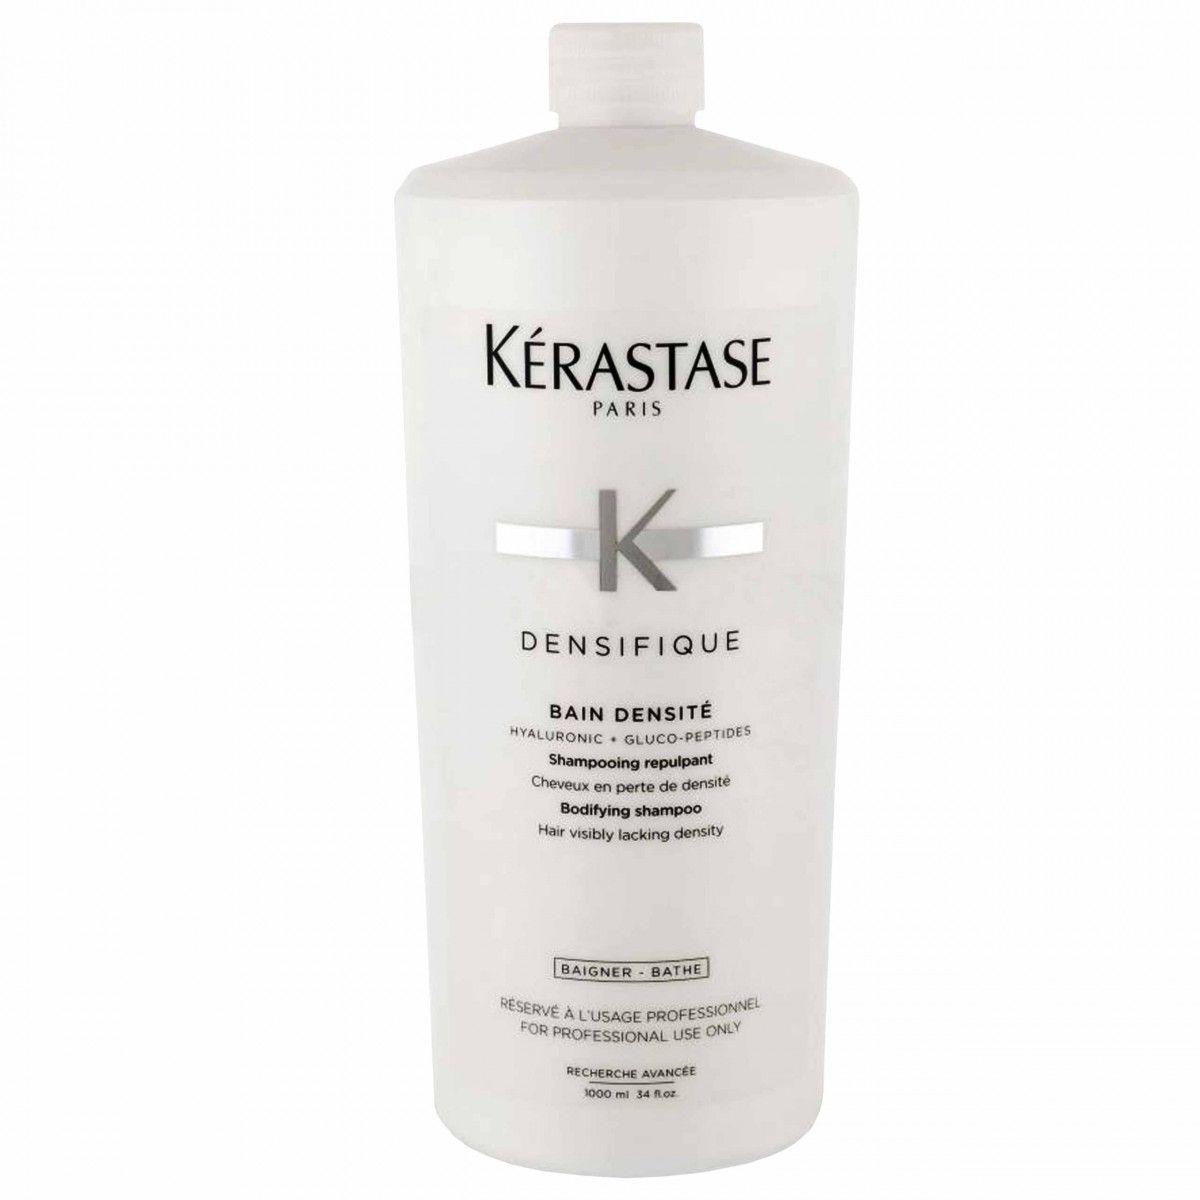 Kerastase Densifique Densite szampon zagęszczający 1000ml